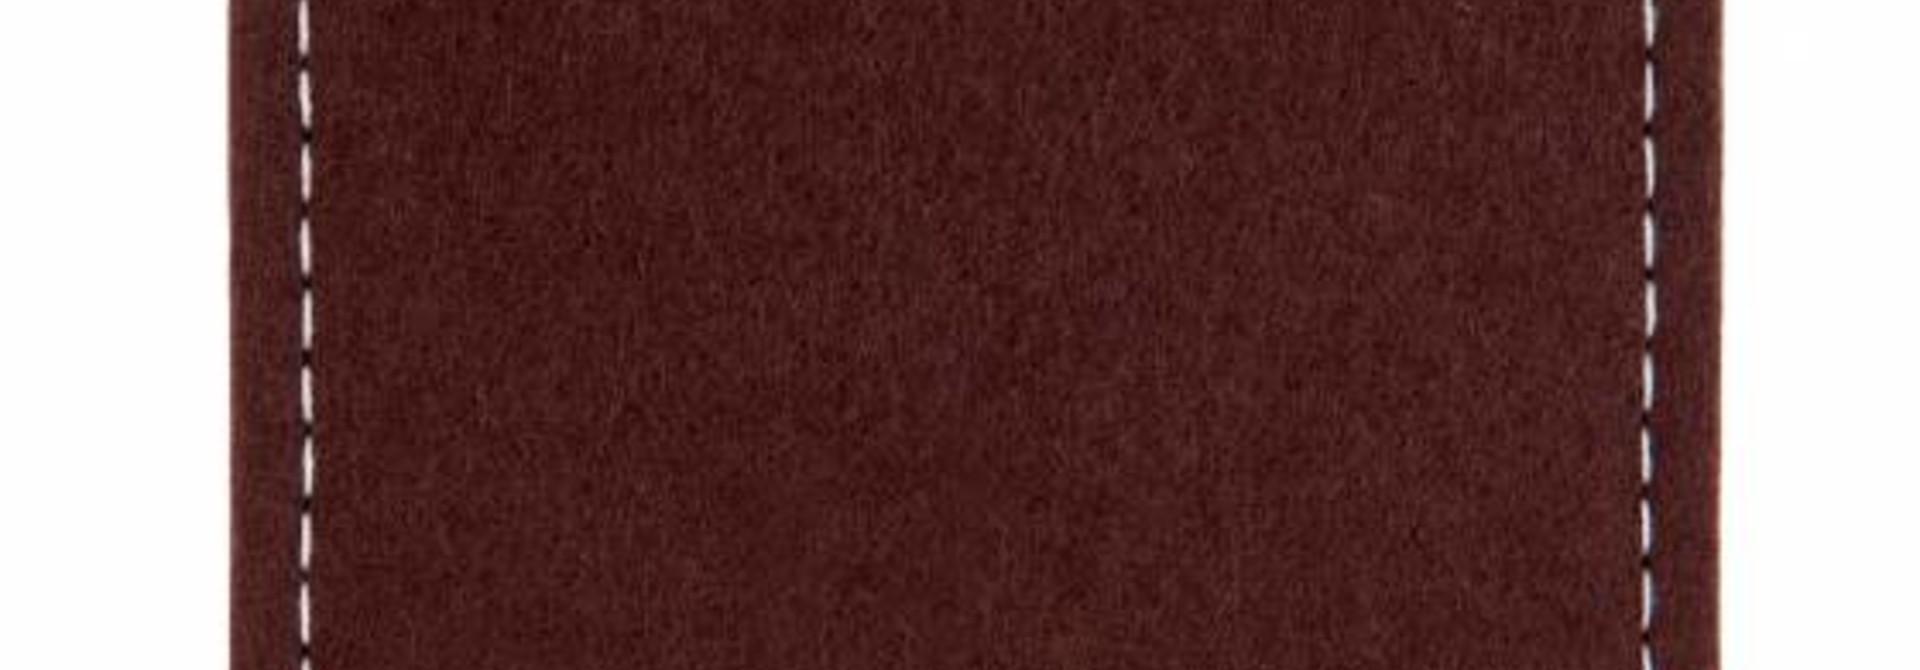 Sleeve Dark-Brown